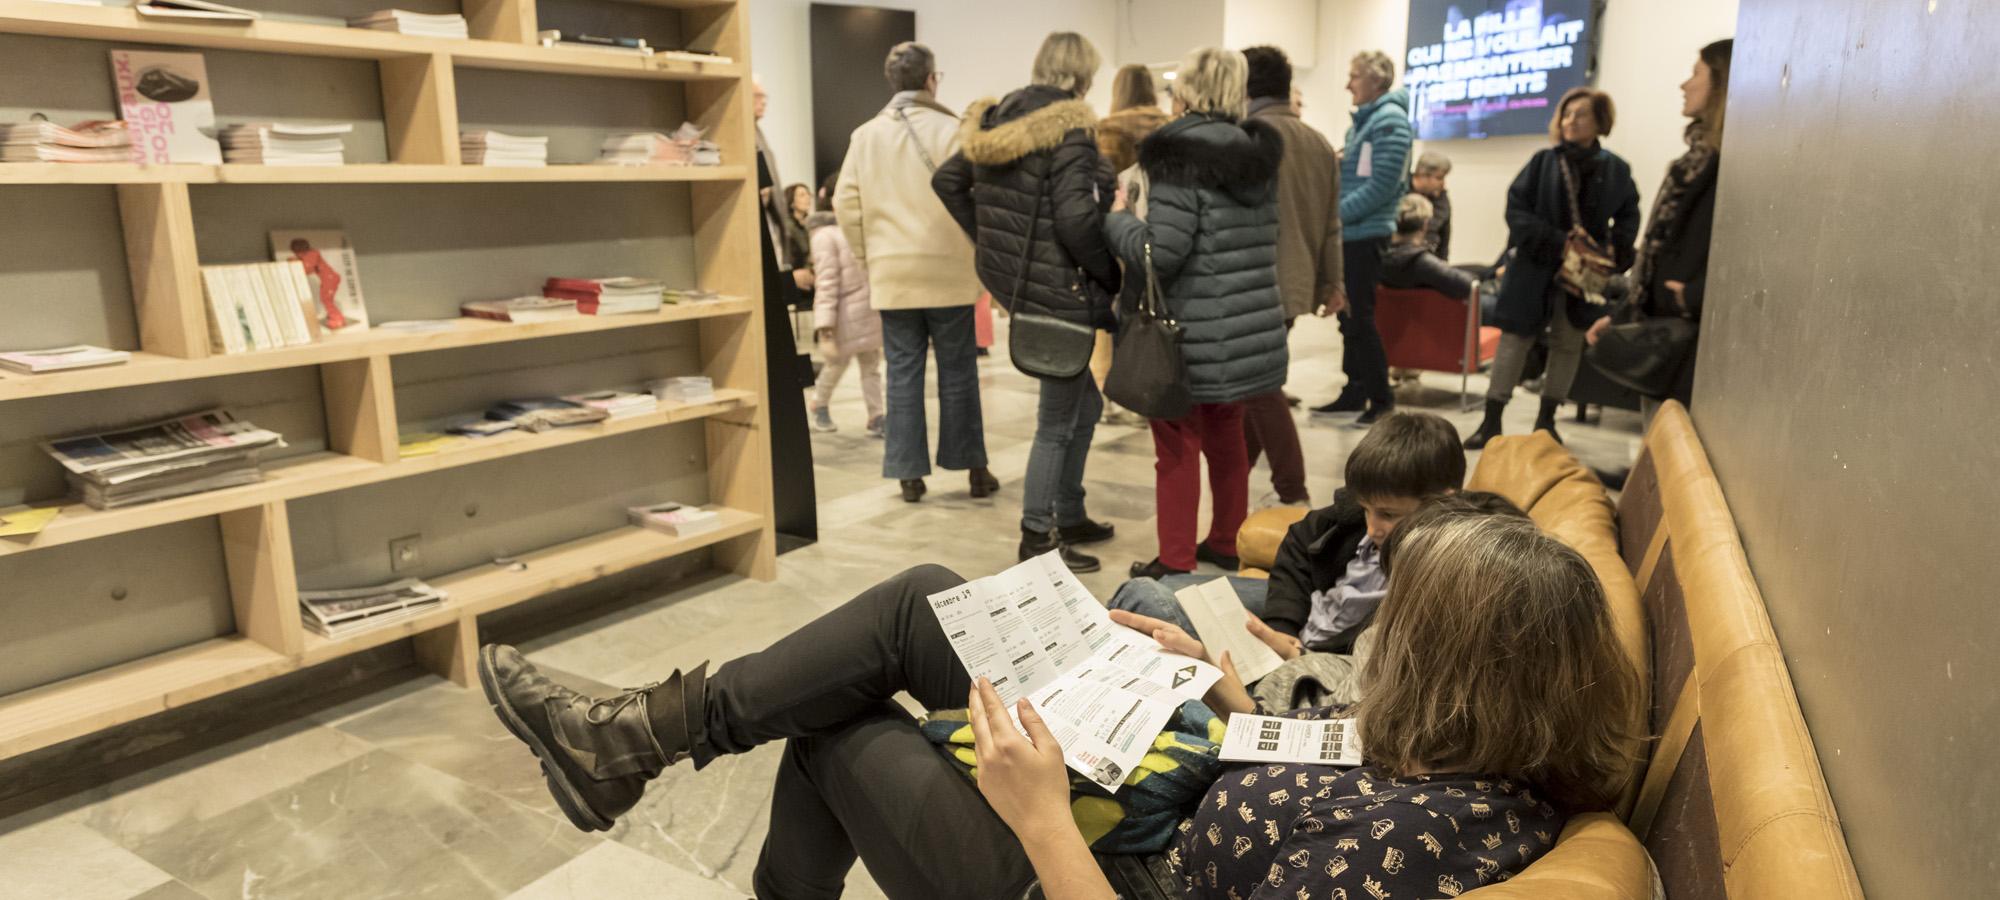 détente canapé bibliothèque foule